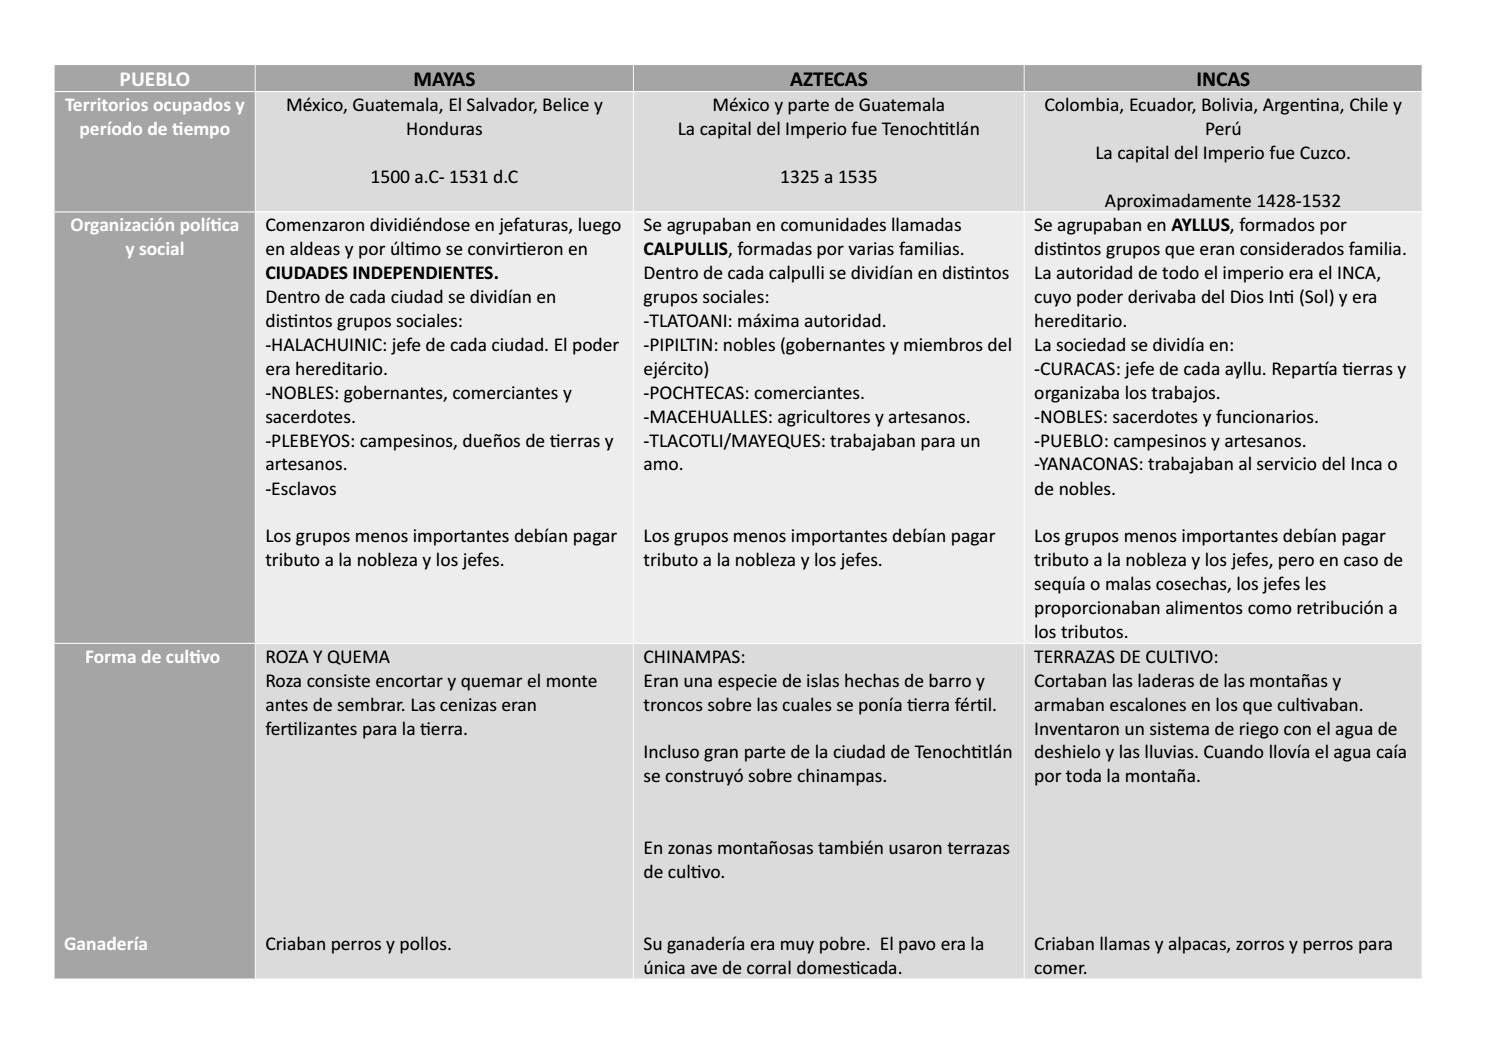 Cuadro Comparativo Pueblos Precolombinos 4 A By Instituto